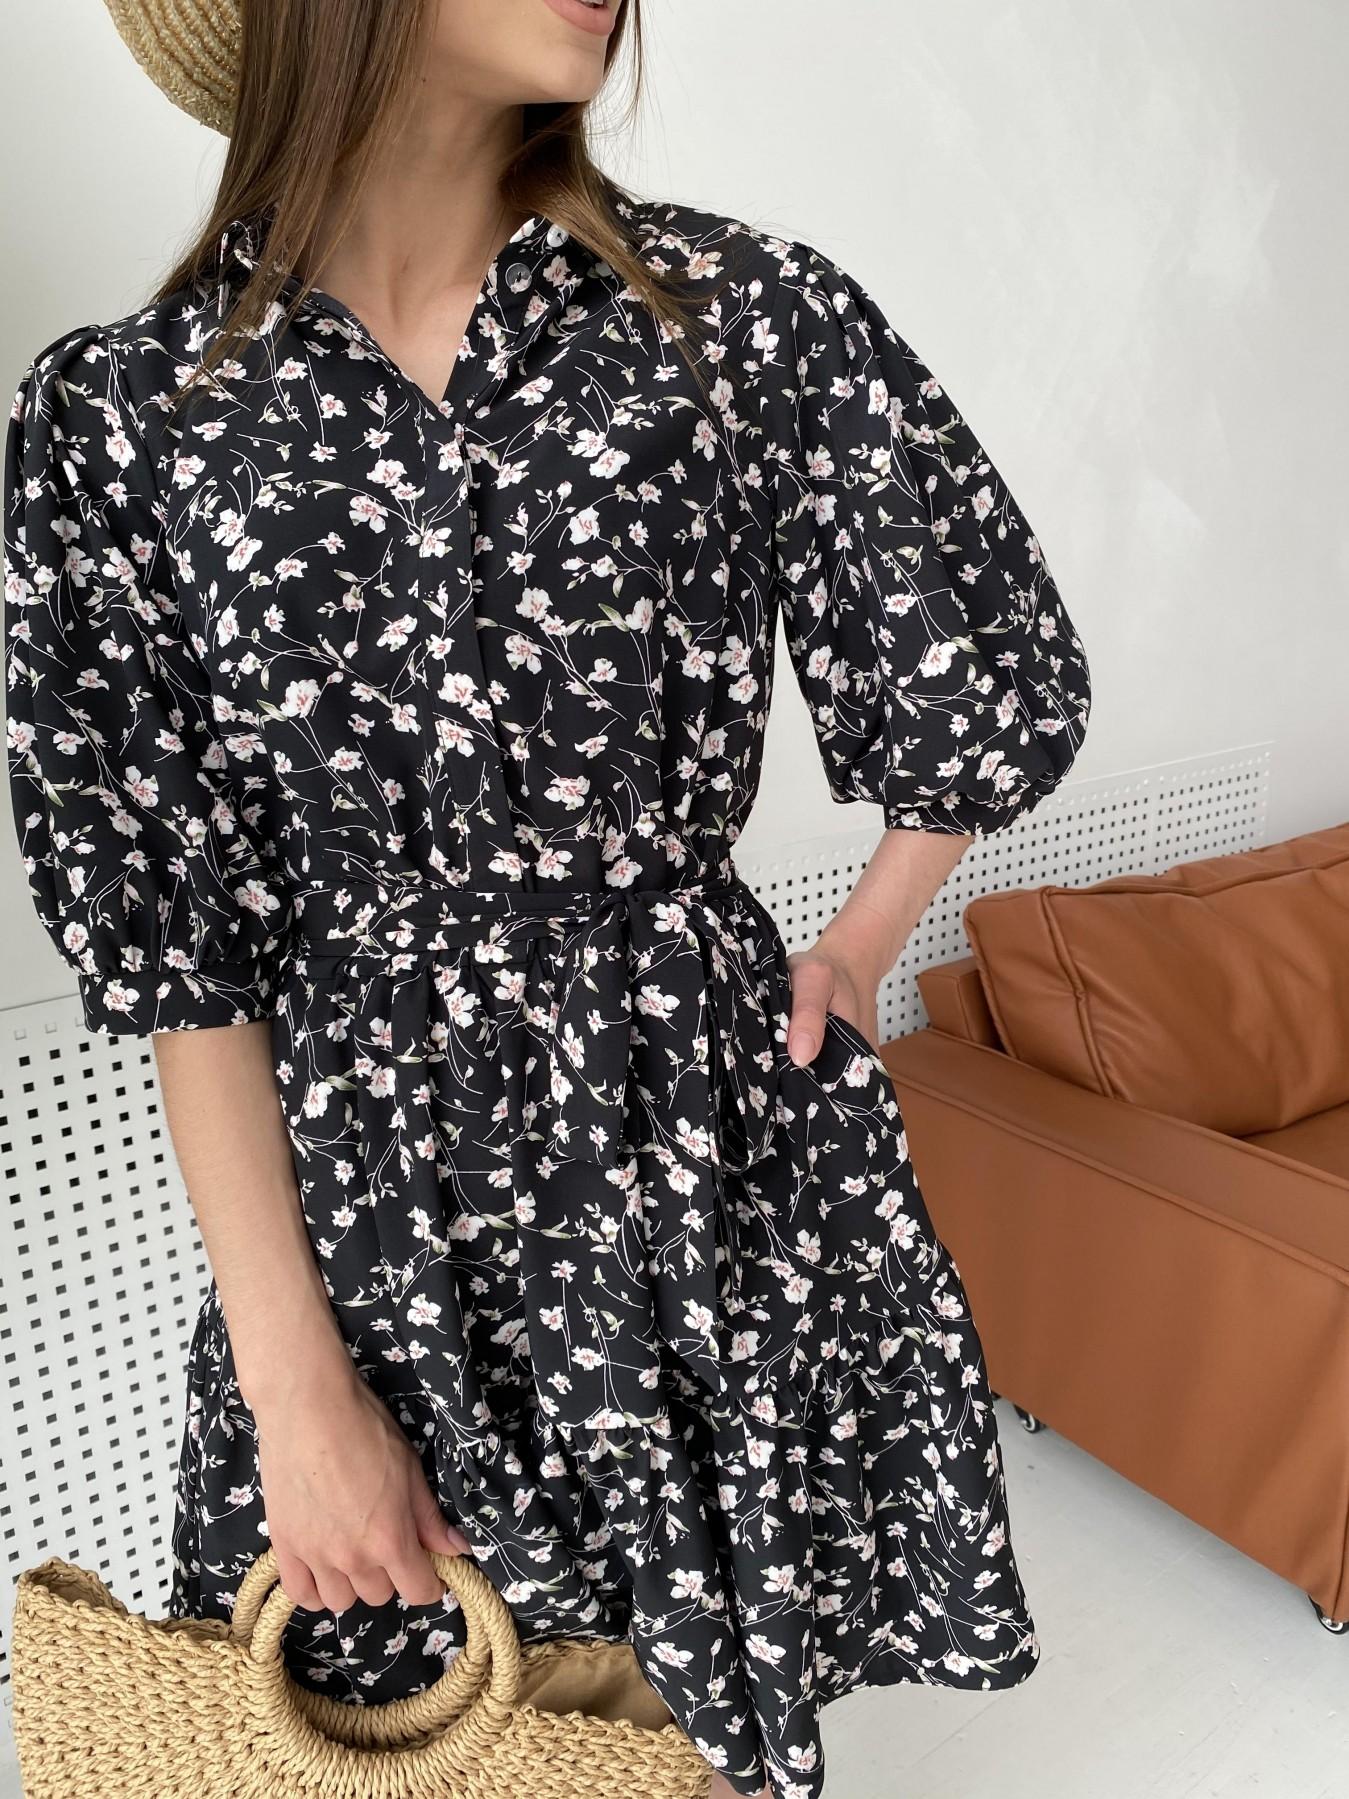 Молизе платье с коротким рукавом из софт ткани в принт 11315 АРТ. 47852 Цвет: Черный/молоко, Цветы - фото 5, интернет магазин tm-modus.ru